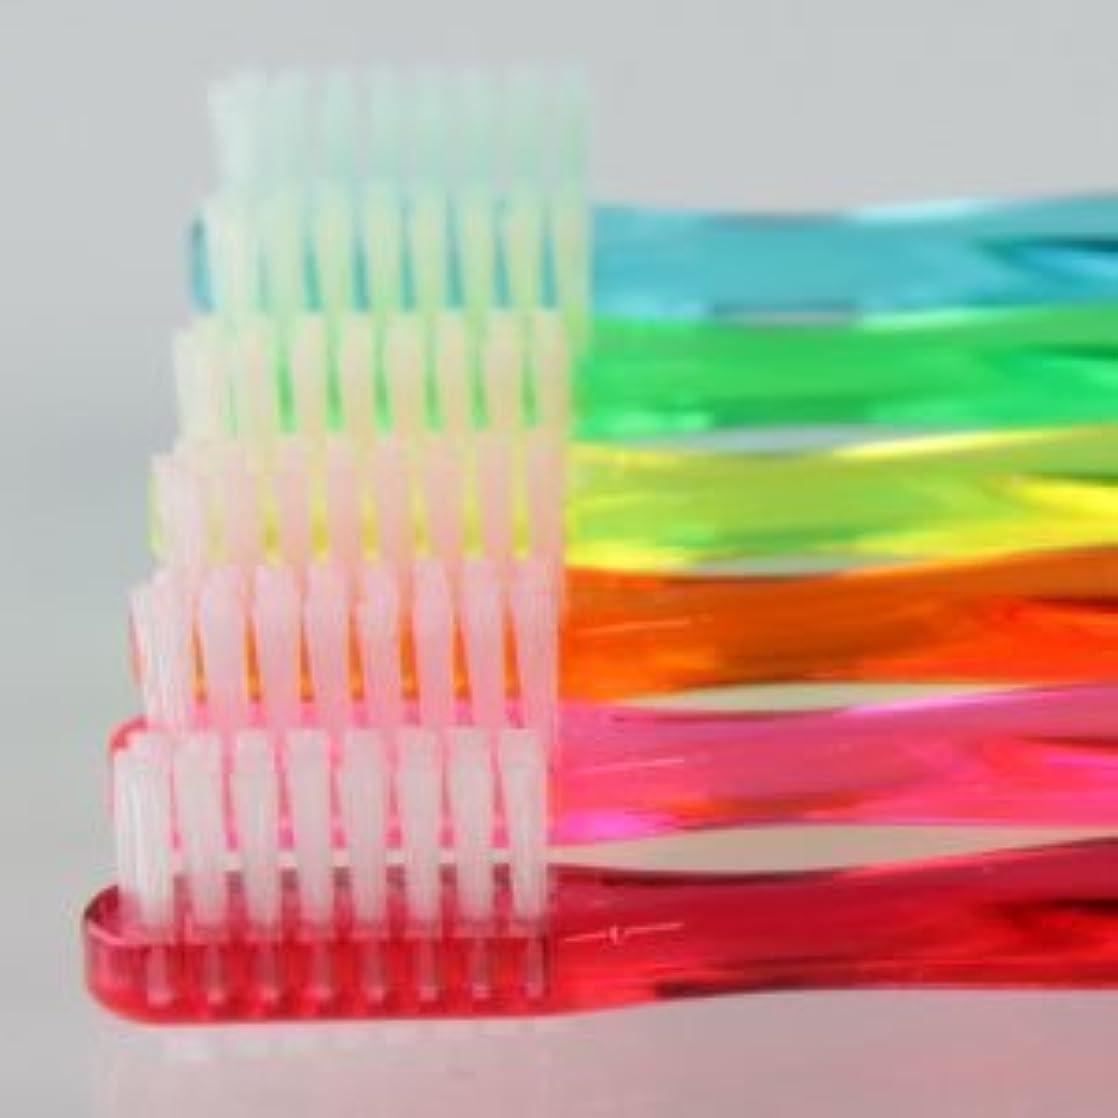 溶岩釈義未就学サムフレンド 歯ブラシ #11(乳歯?永久歯の混合歯列期向け) 6本 ※お色は当店お任せです